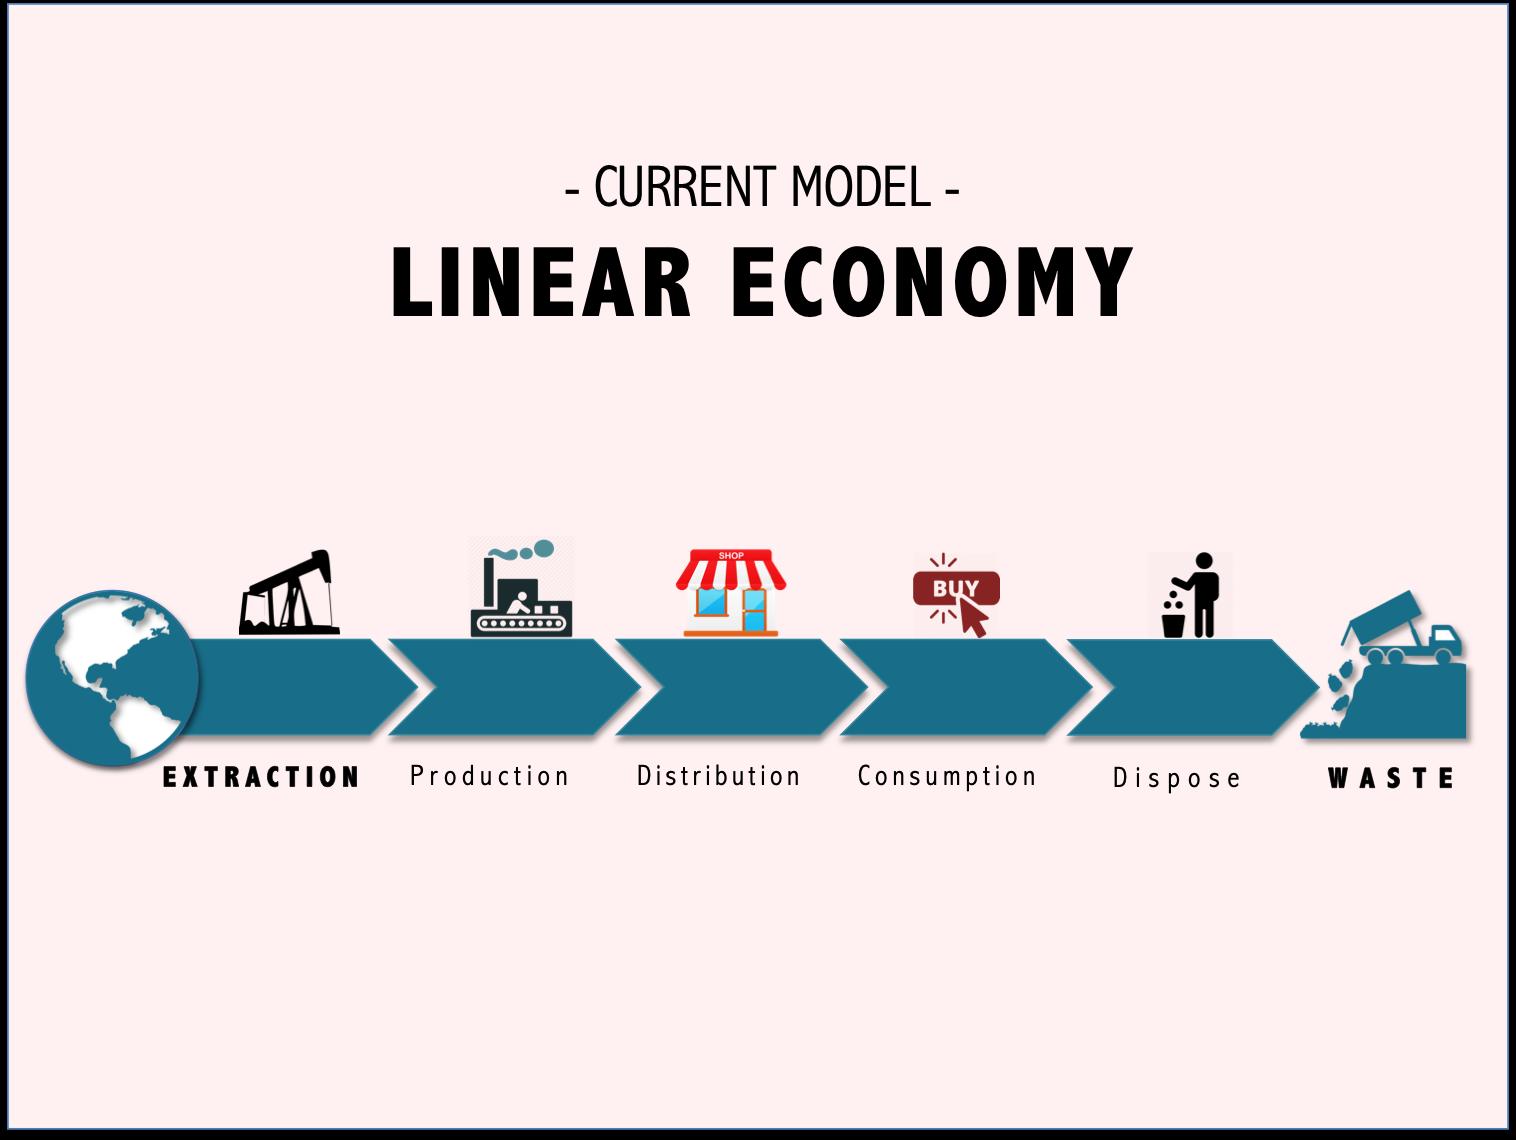 Kinh tế tuyến tính (Linear Economy) là gì? Hậu quả - Ảnh 1.